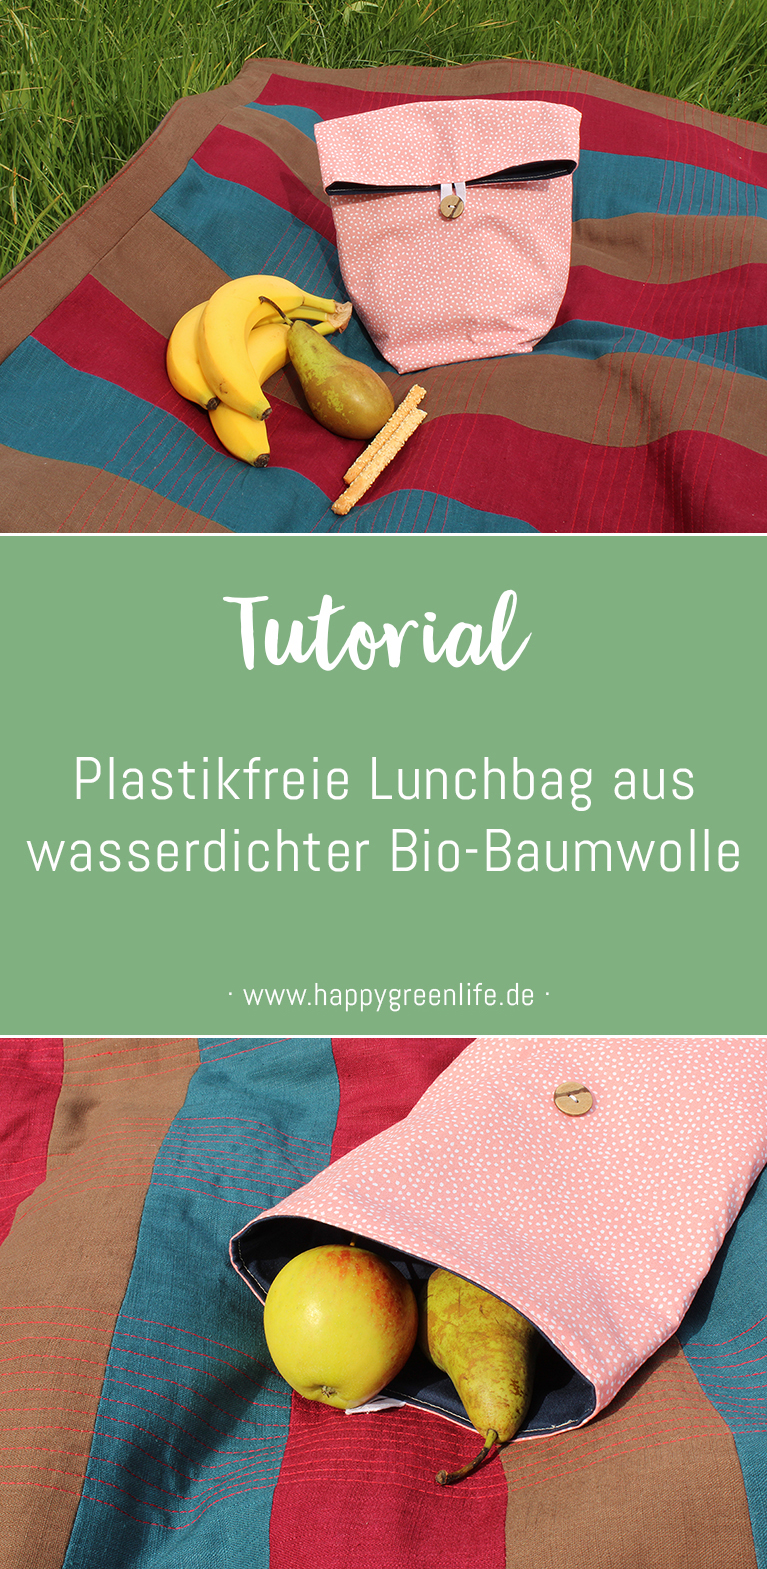 Nähanleitung: Plastikfreie Lunchbag aus wasserdichter Bio-Baumwolle